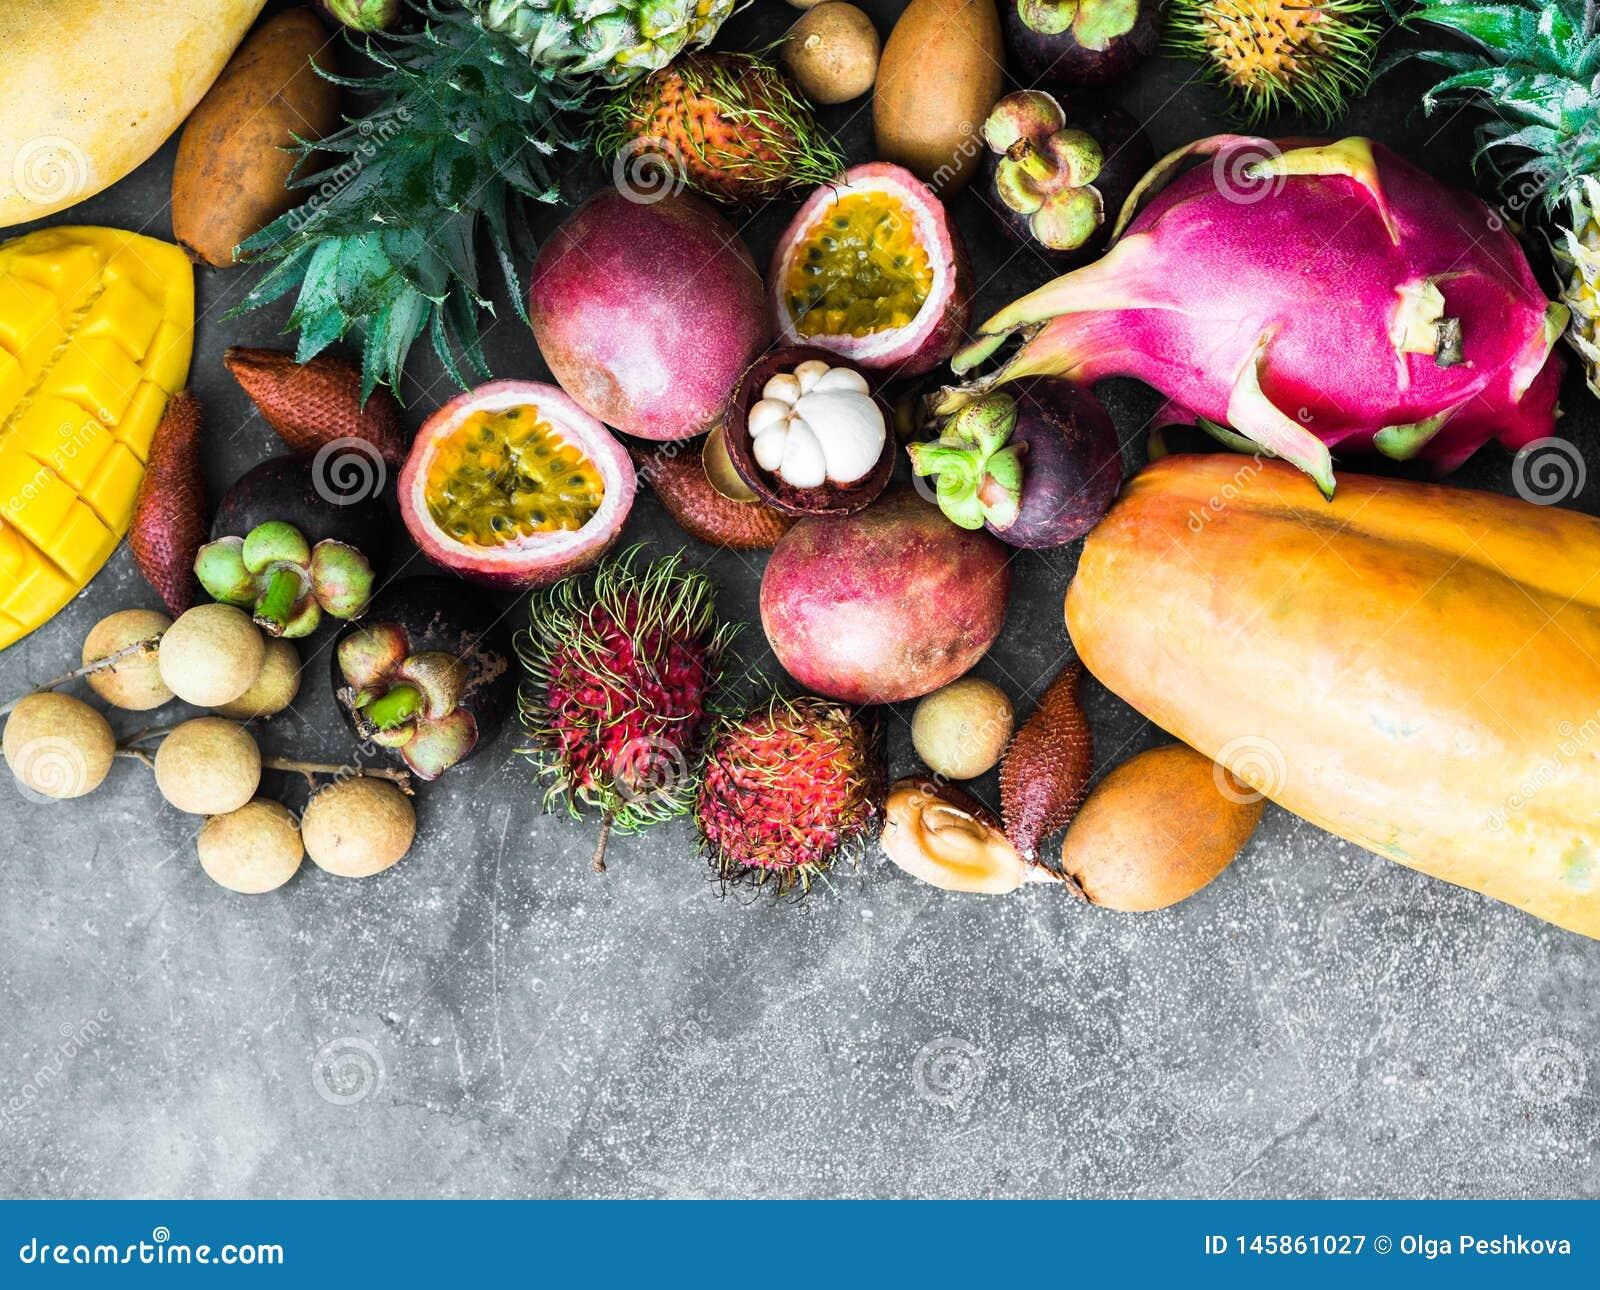 各种各样的新鲜的泰国果子-红毛丹,芒果,山竹果树,龙眼,番木瓜,龙果子,果实,西番莲果,salak,菠萝